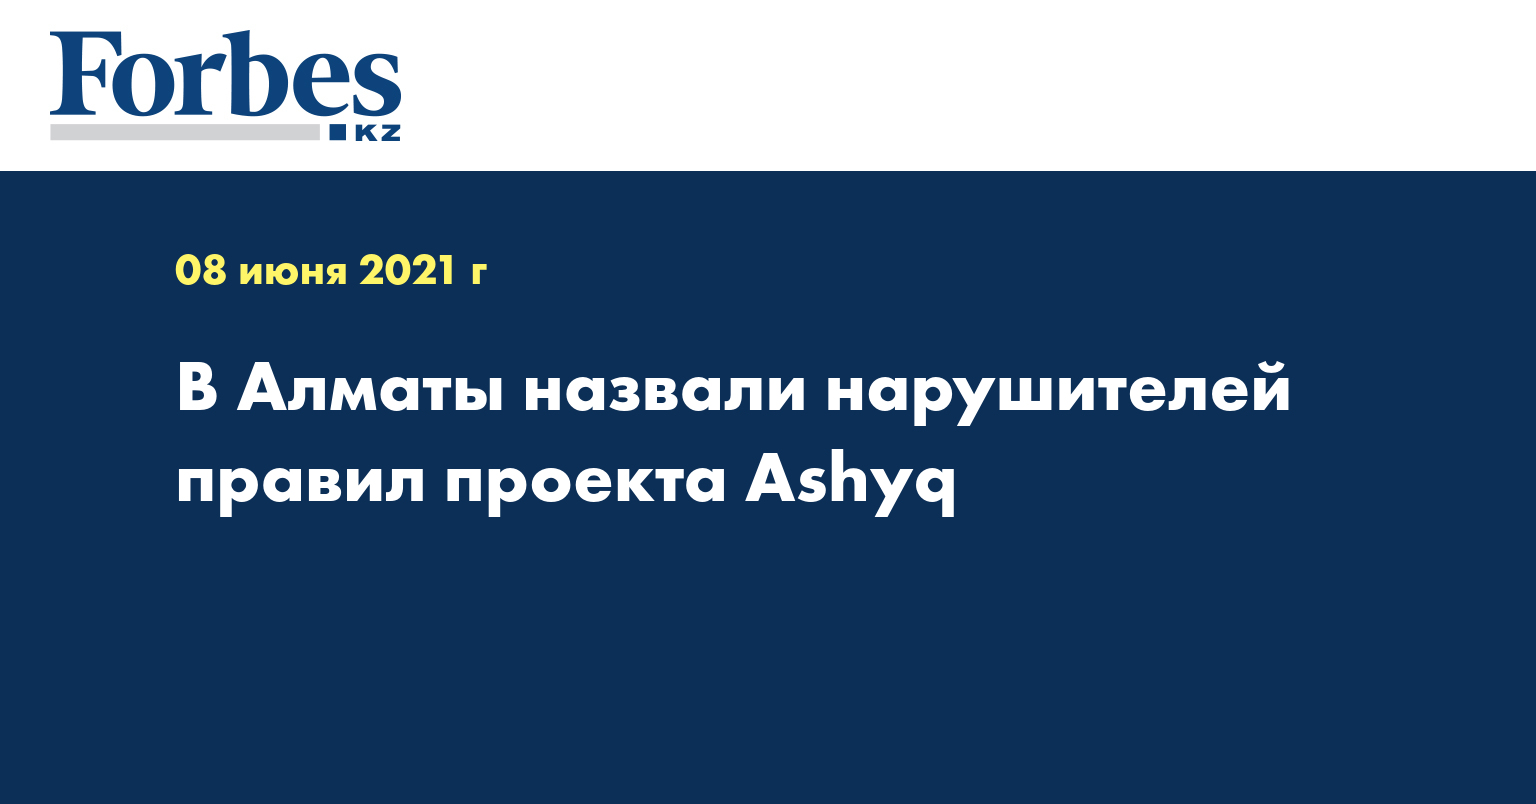 В Алматы назвали нарушителей правил проекта Ashyq